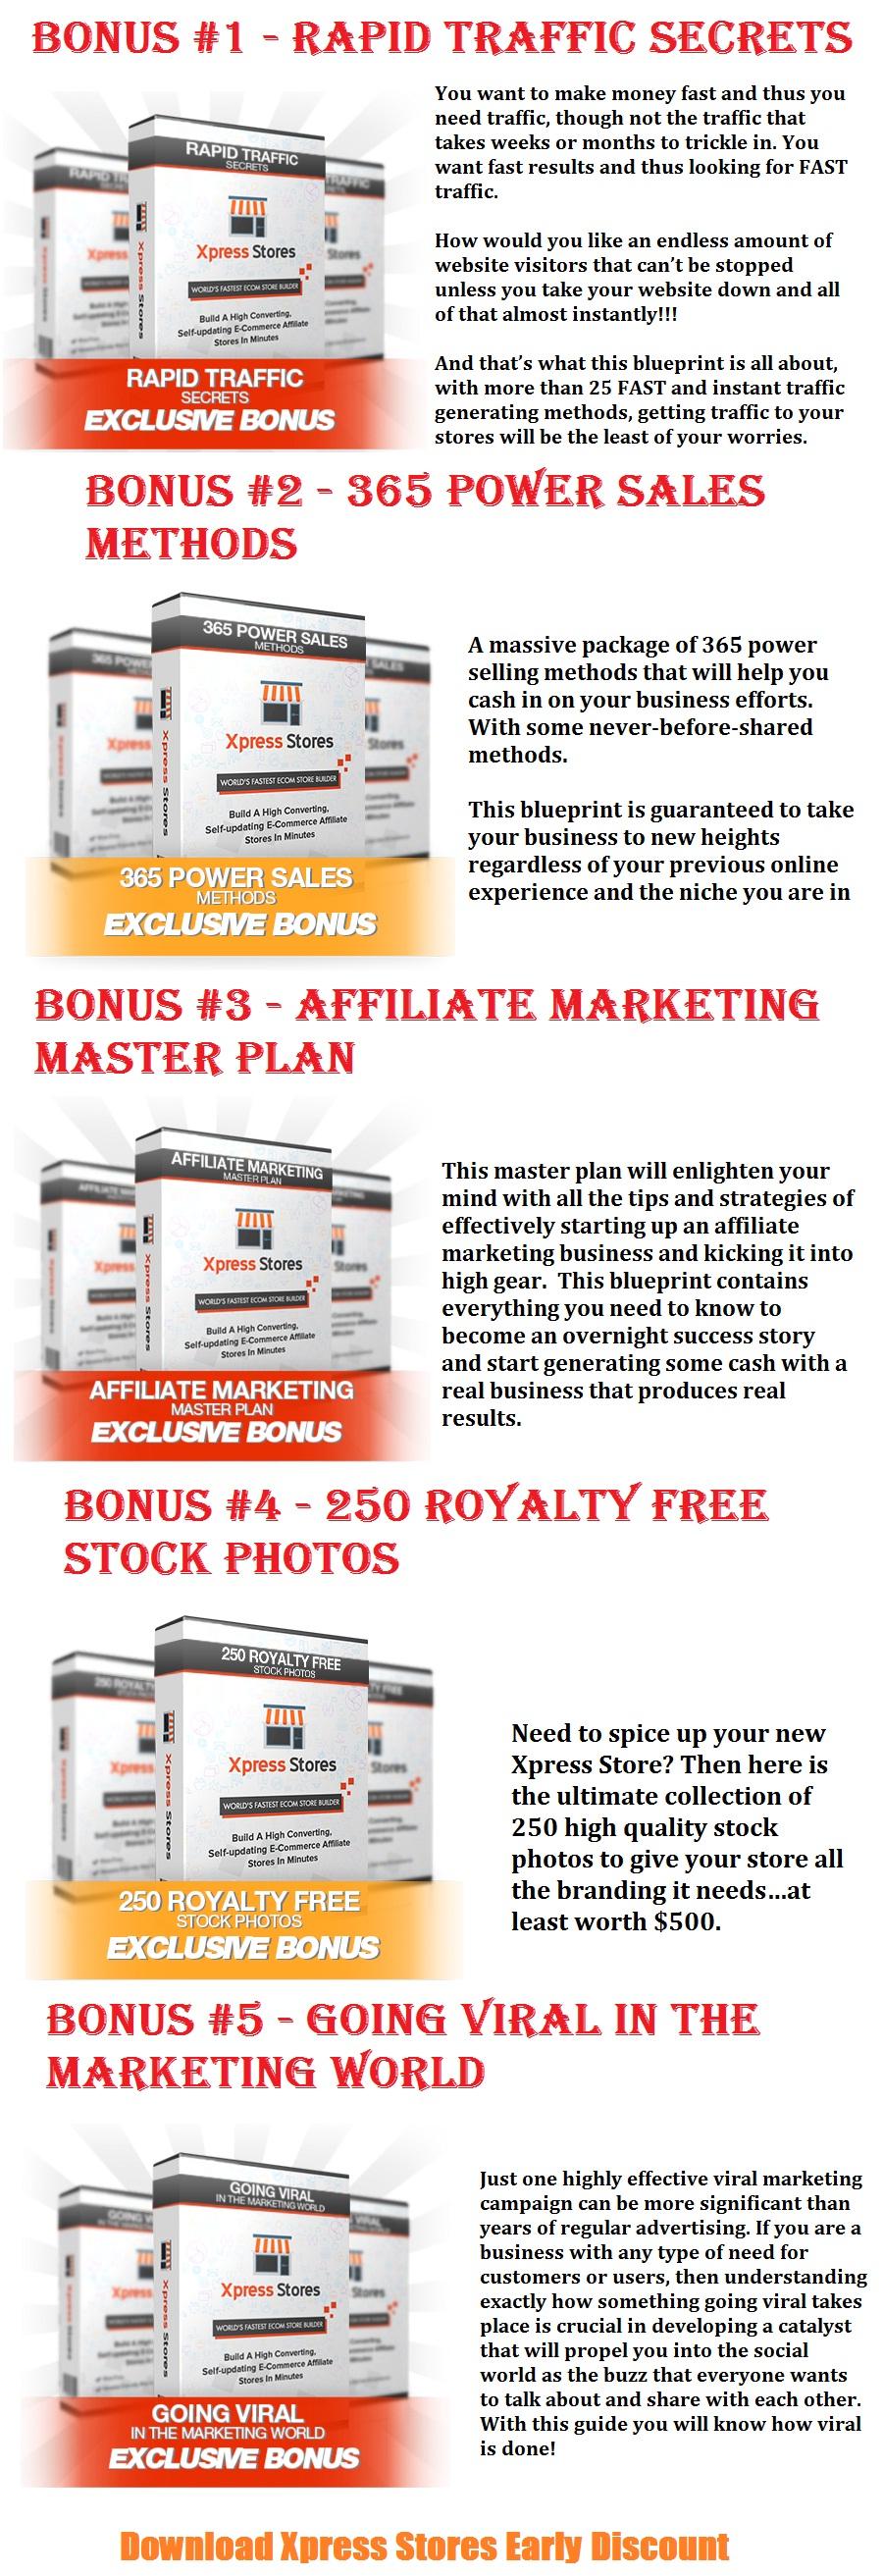 Xpress Stores Bonus